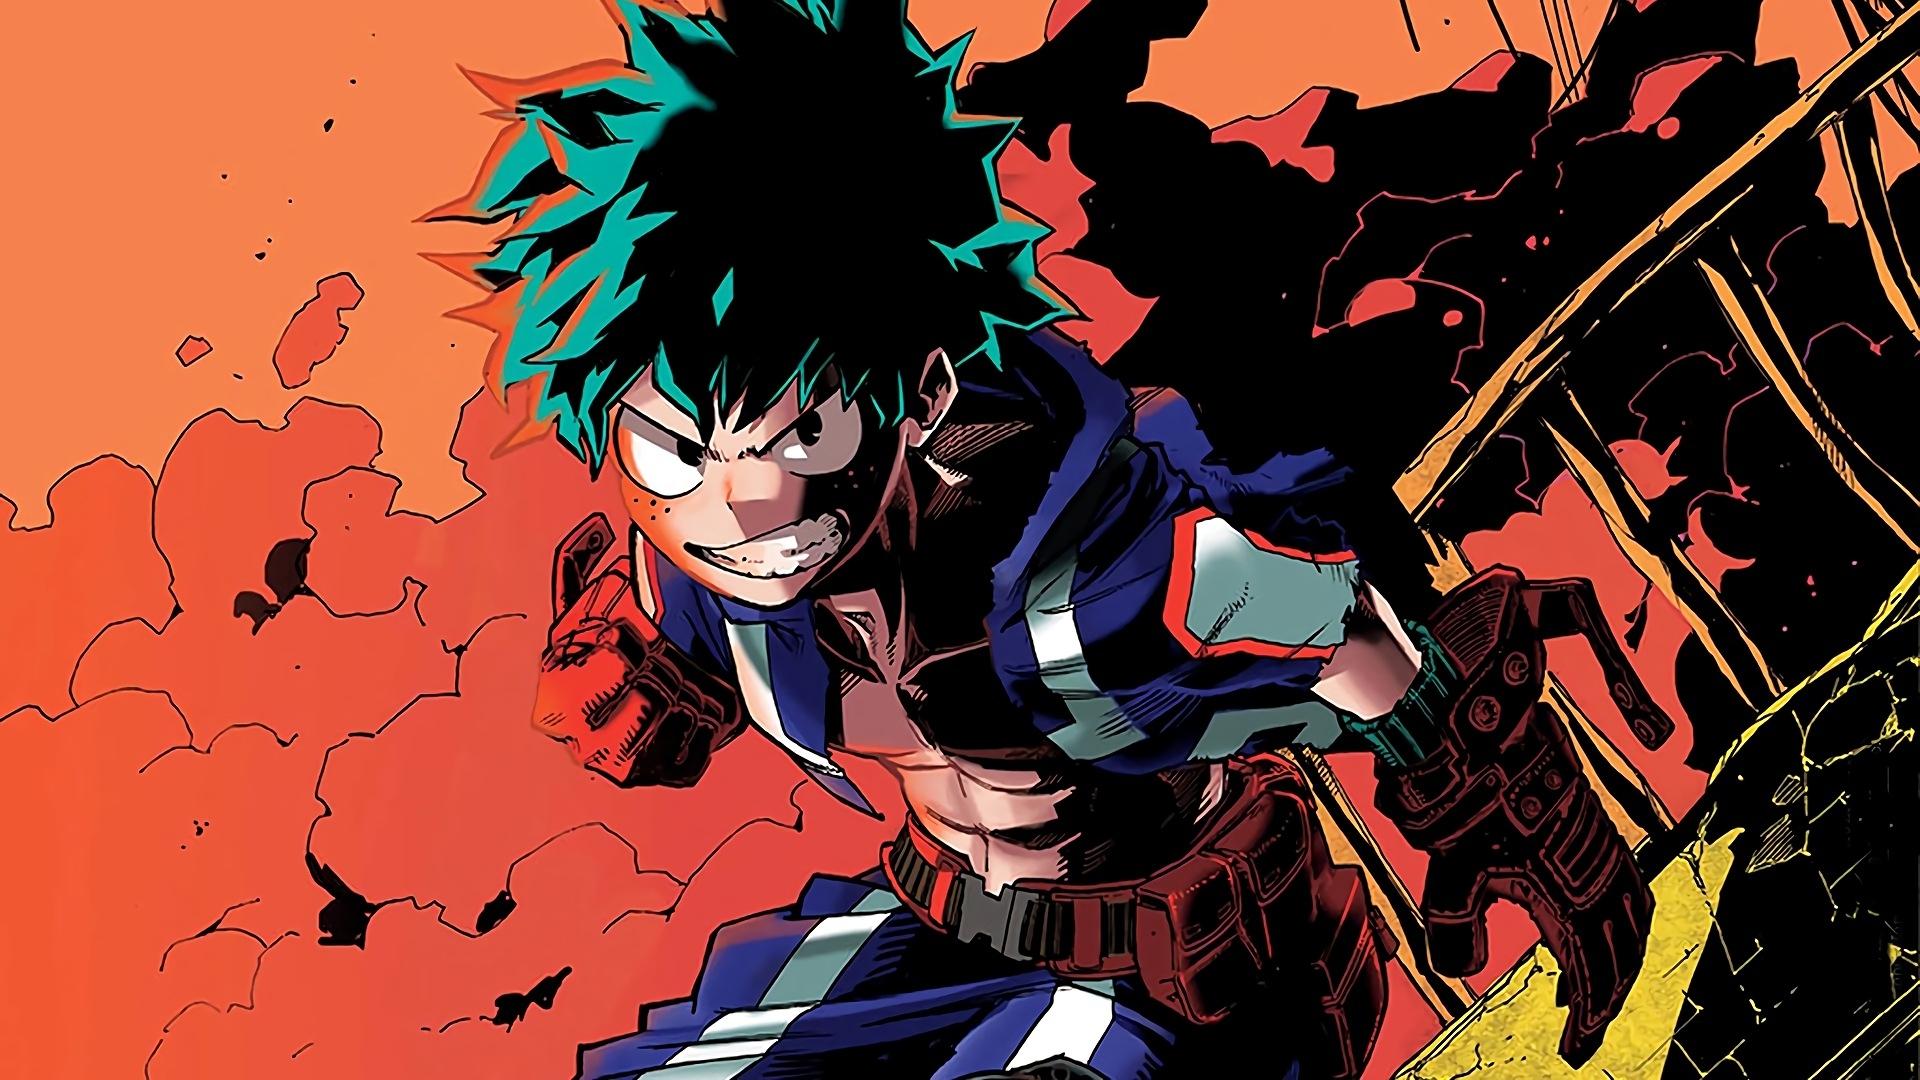 izuku midoriya boku no hero academia wallpaper #30193